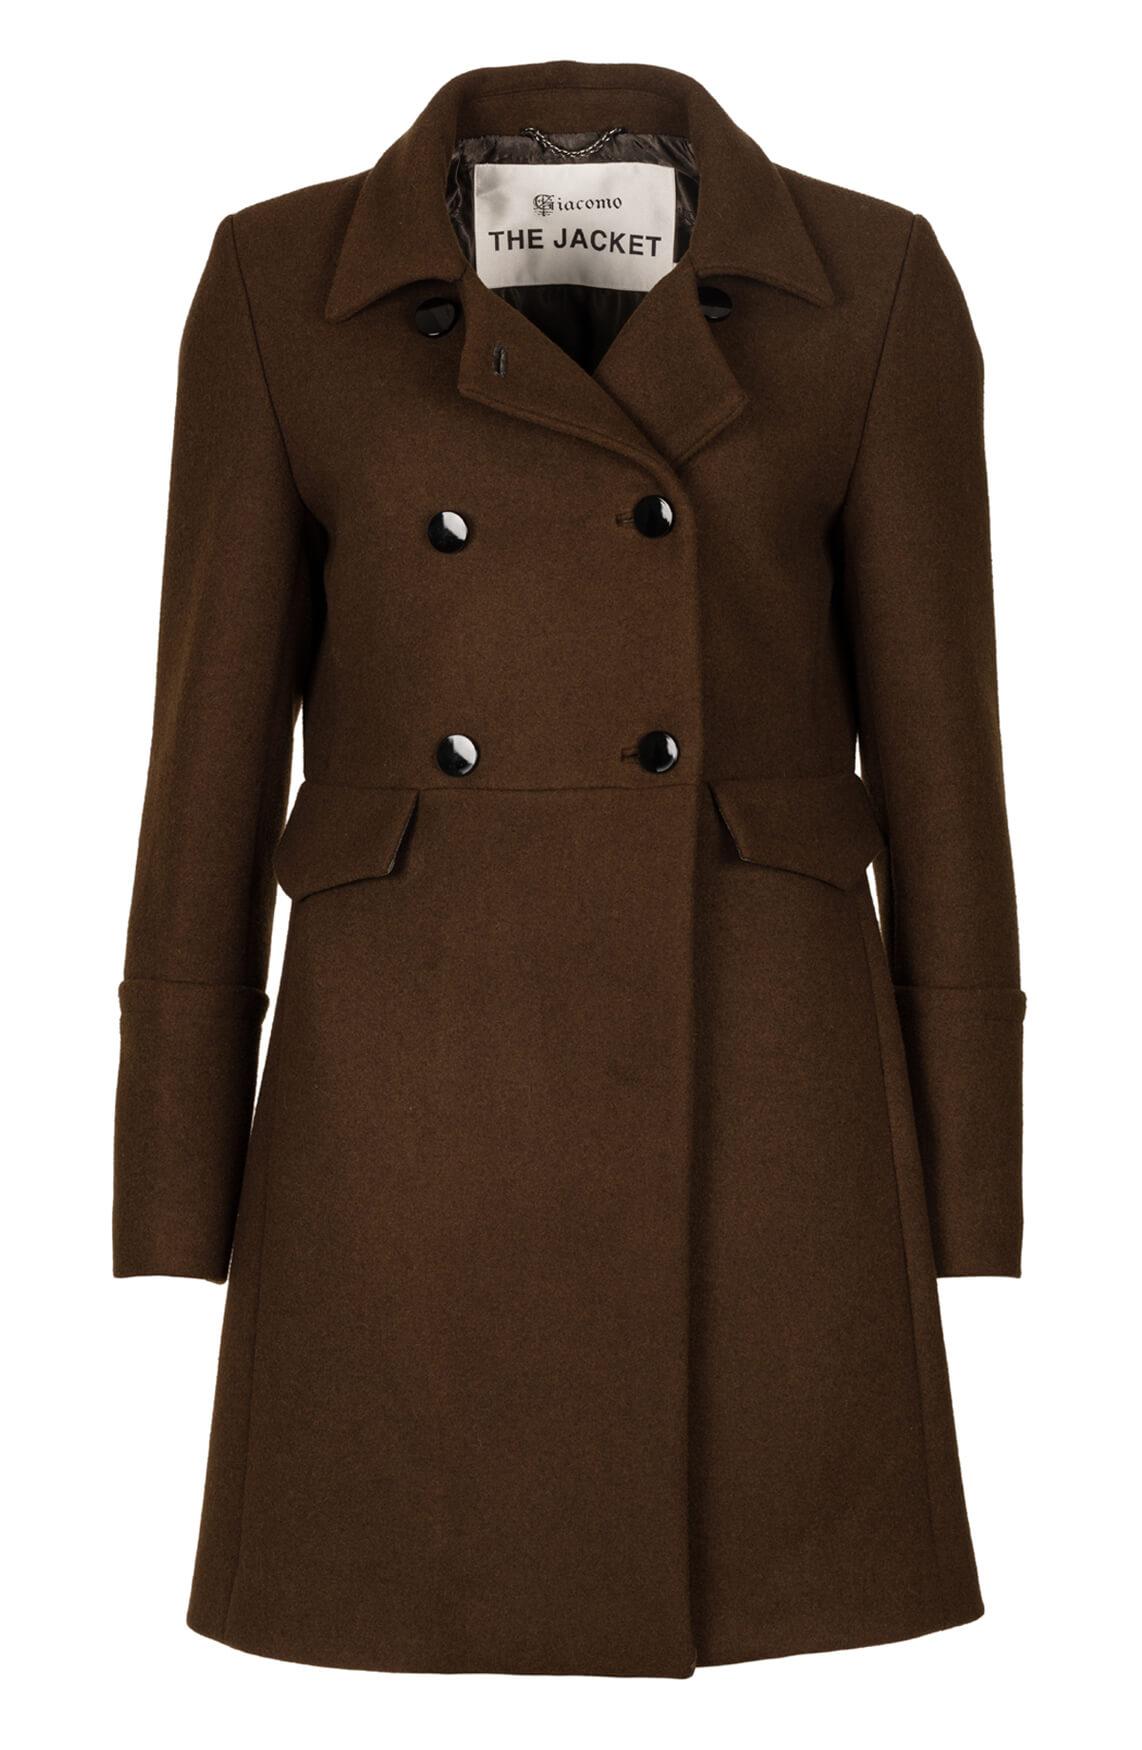 Giacomo Dames Wollen mantel groen